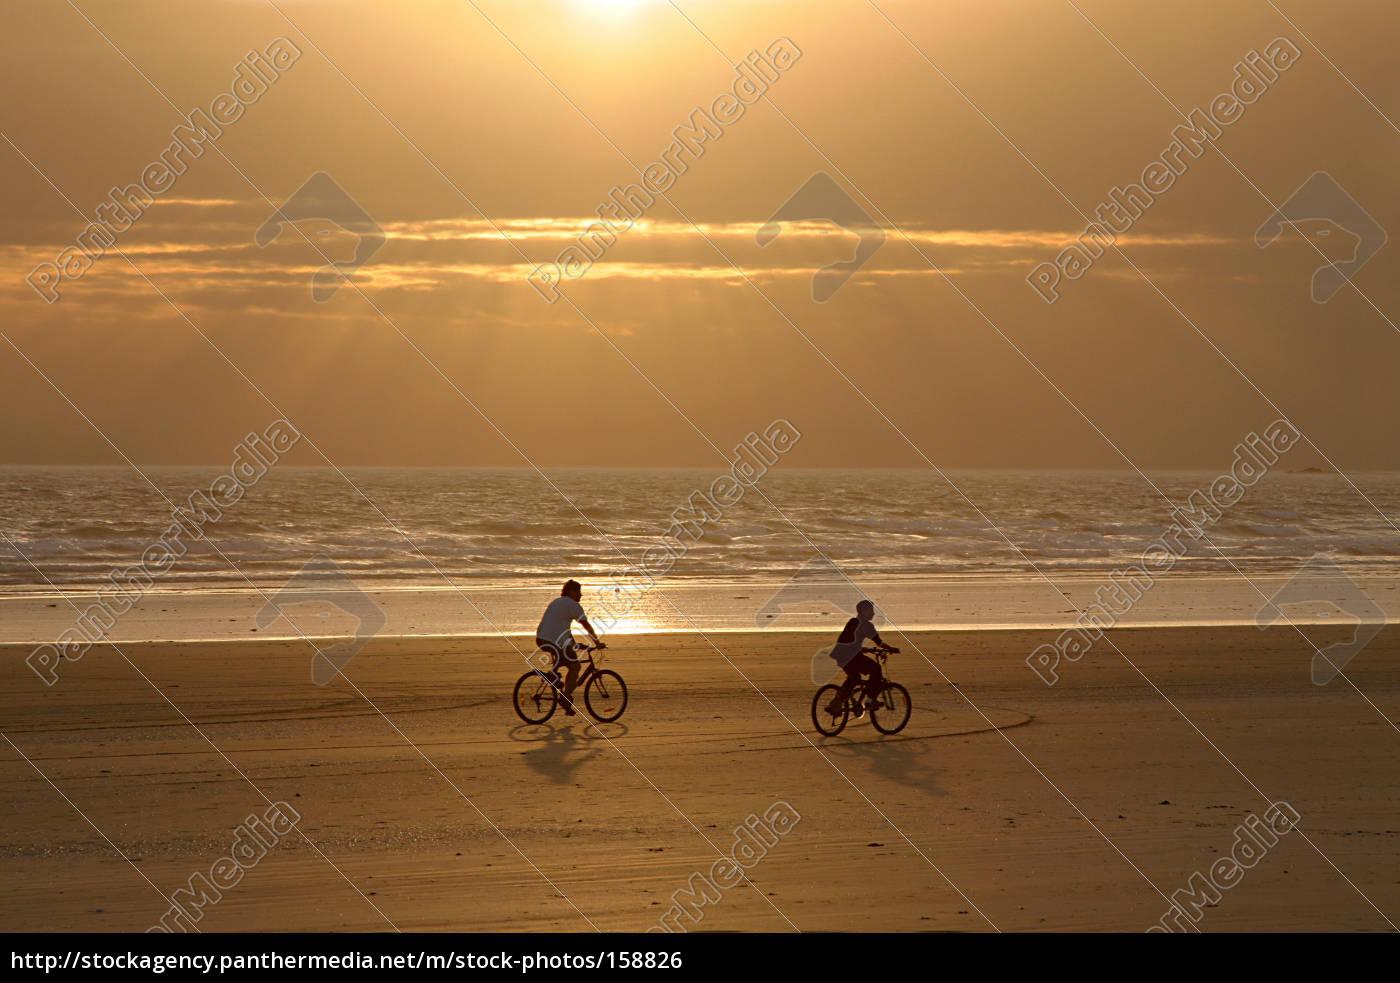 cyclists, on, the, beach - 158826